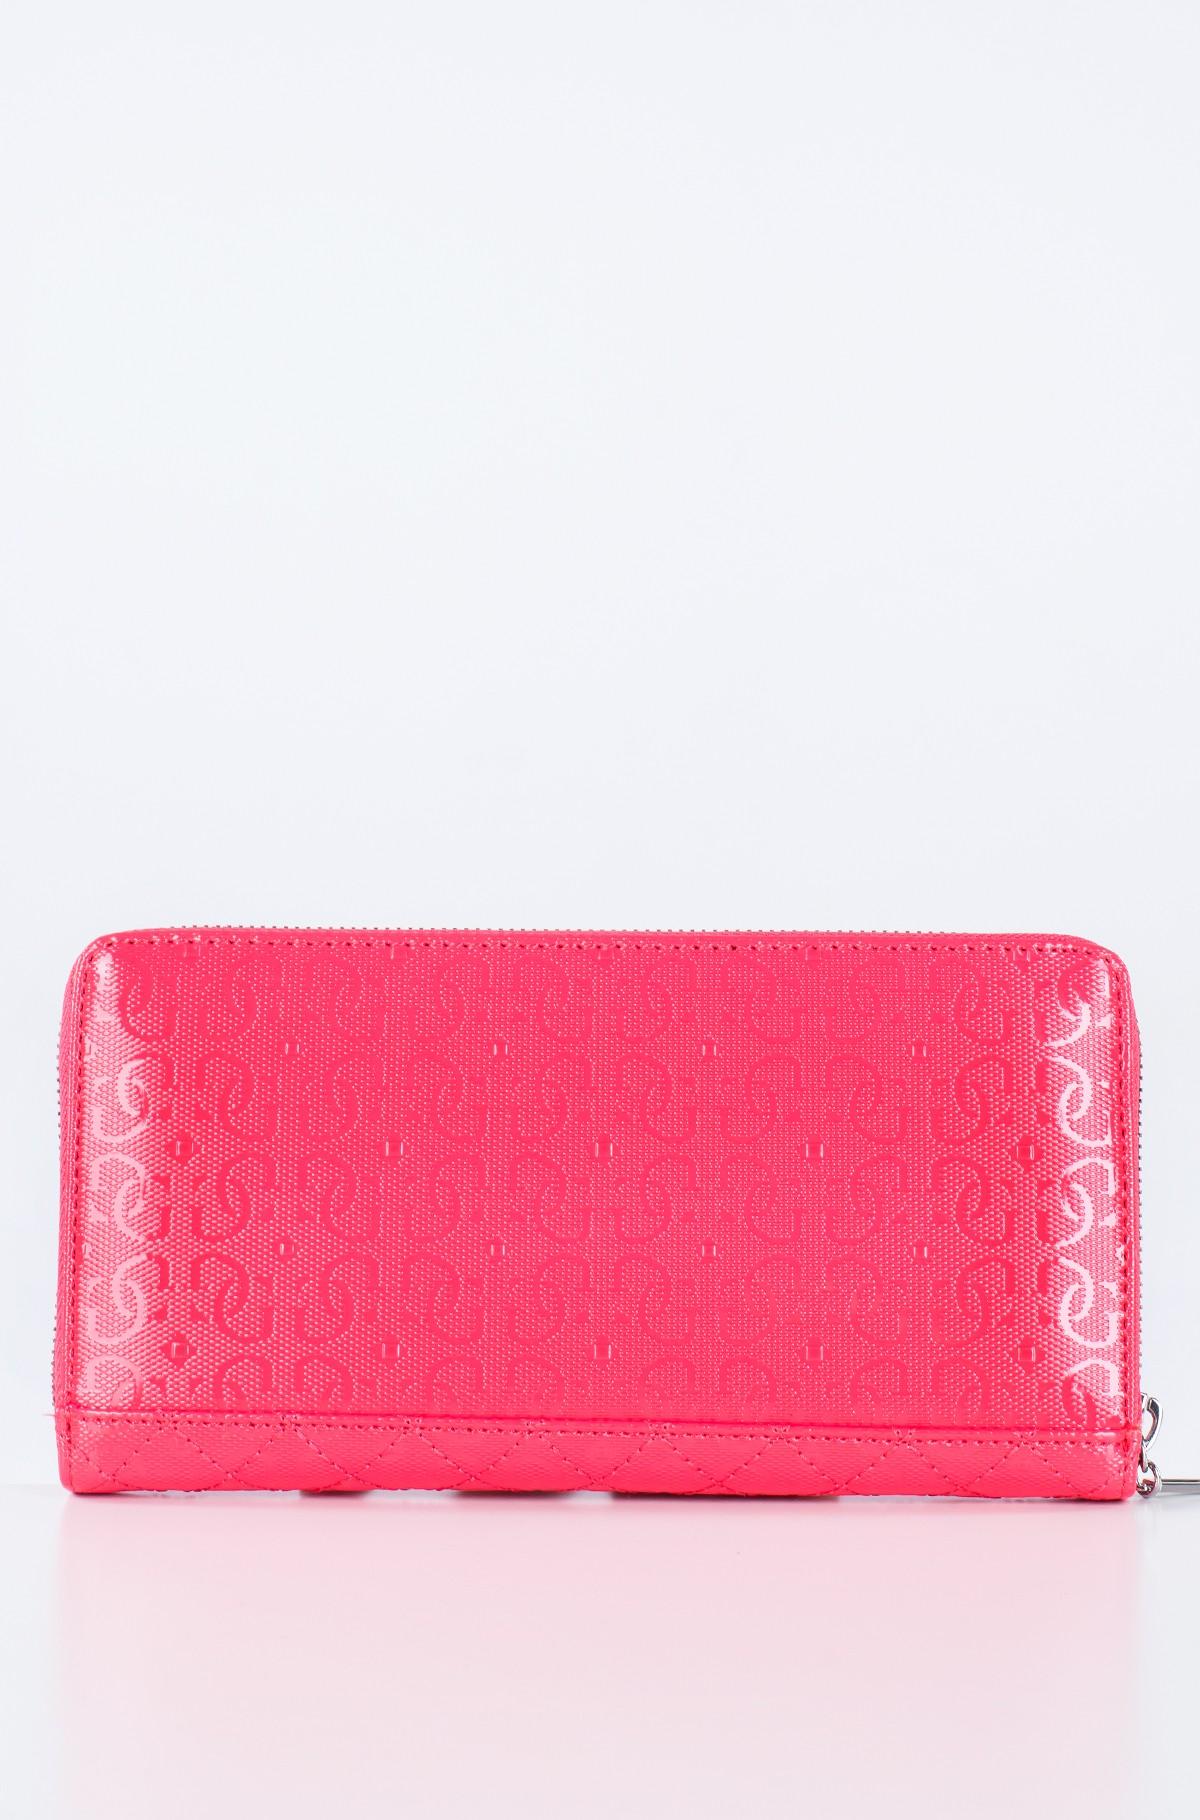 Wallet SWSY76 66630-full-2